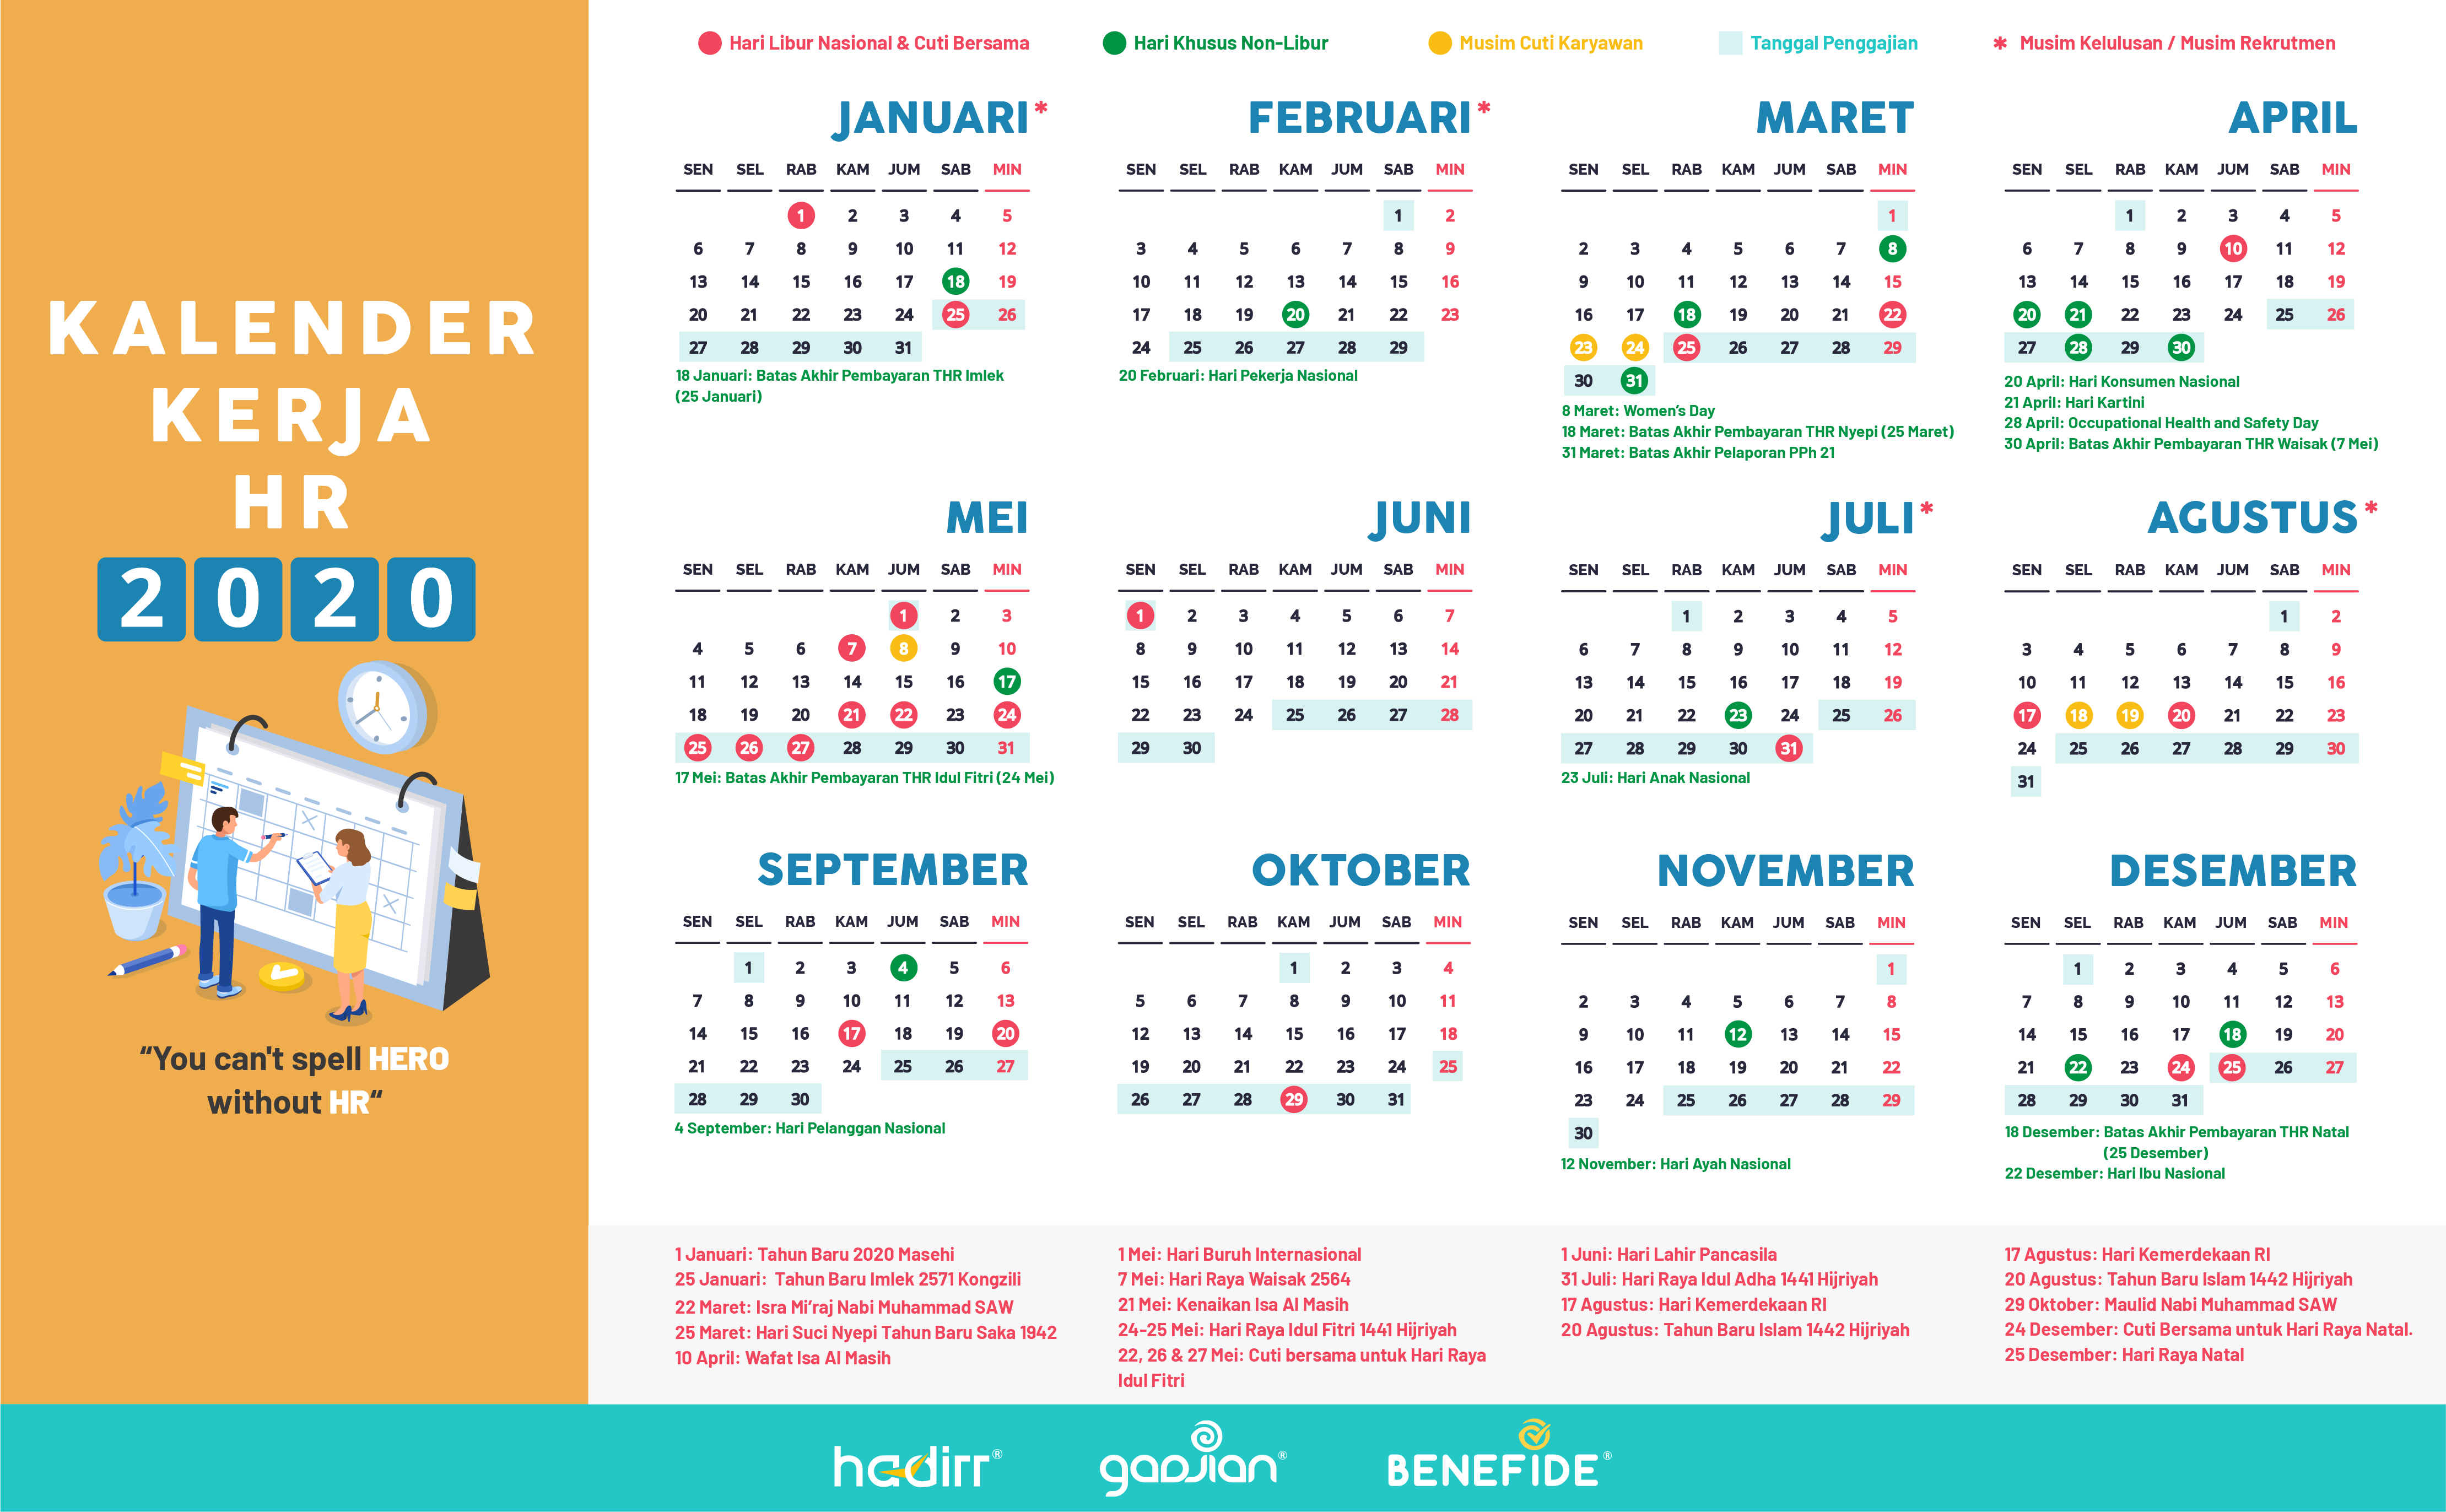 Kalender HR 2020 Memudahkan Pekerjaanmu Setahun ke Depan ...